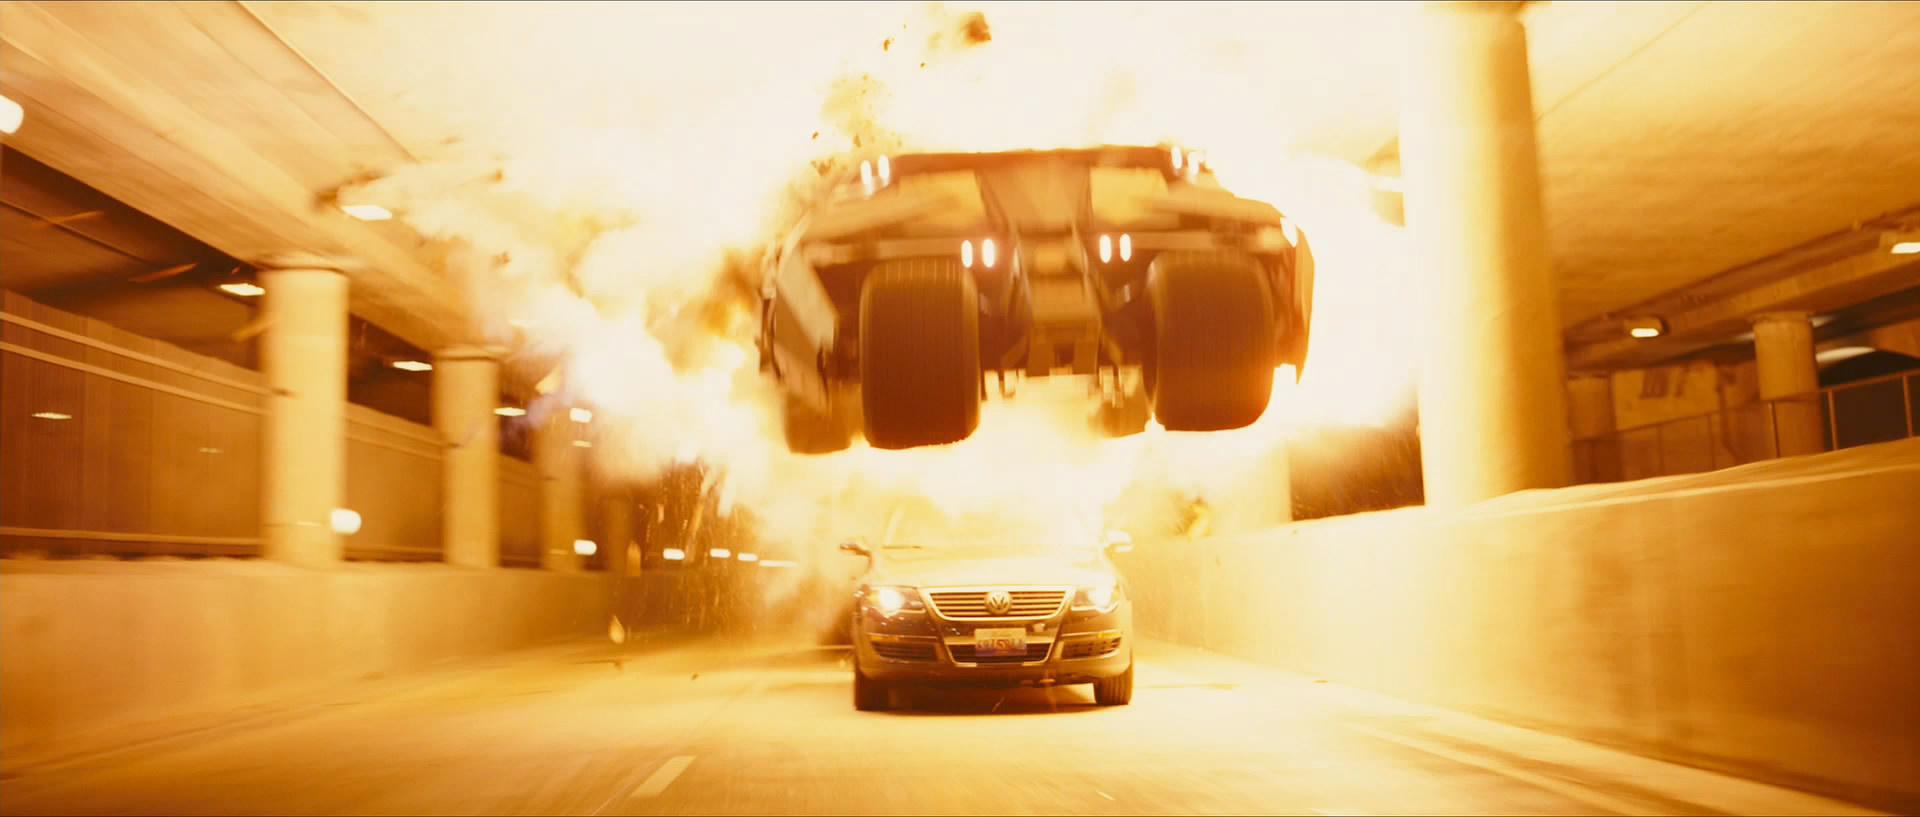 batmobile-tumbler-jump-snapshot20080504111947.jpg